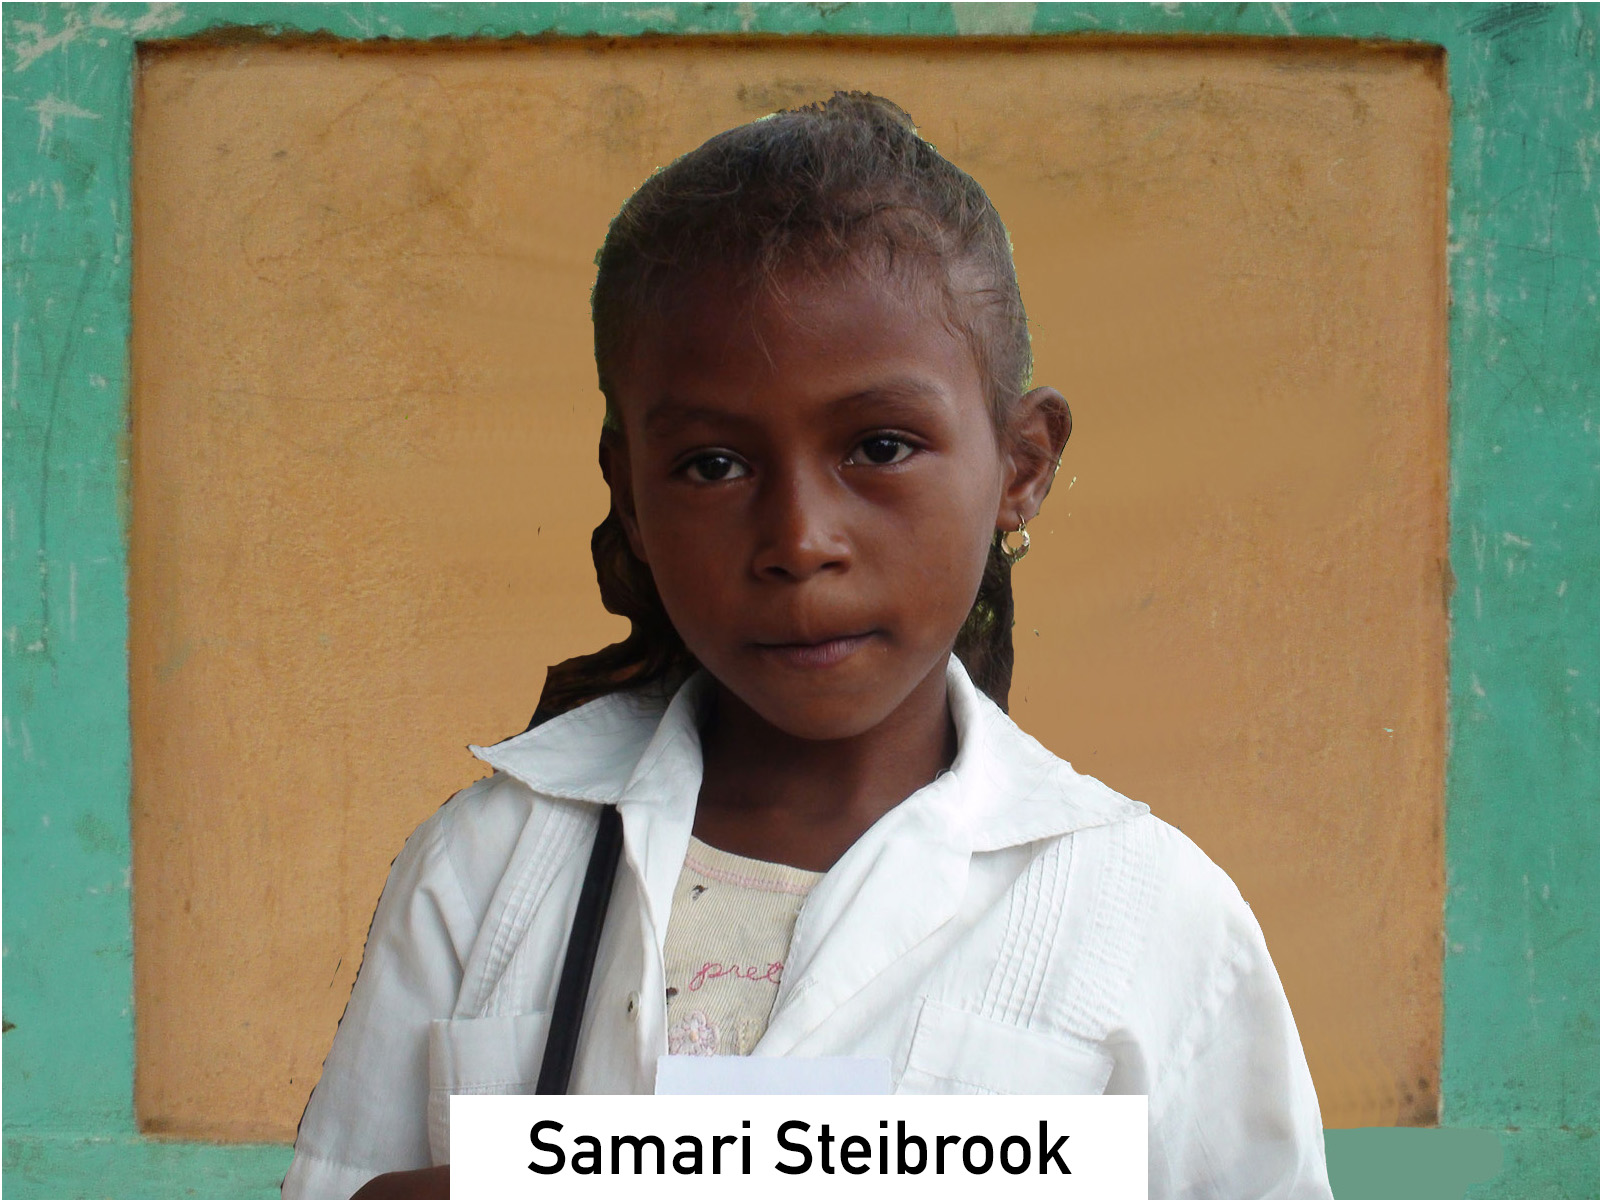 073 - Samari Steibrook.jpg